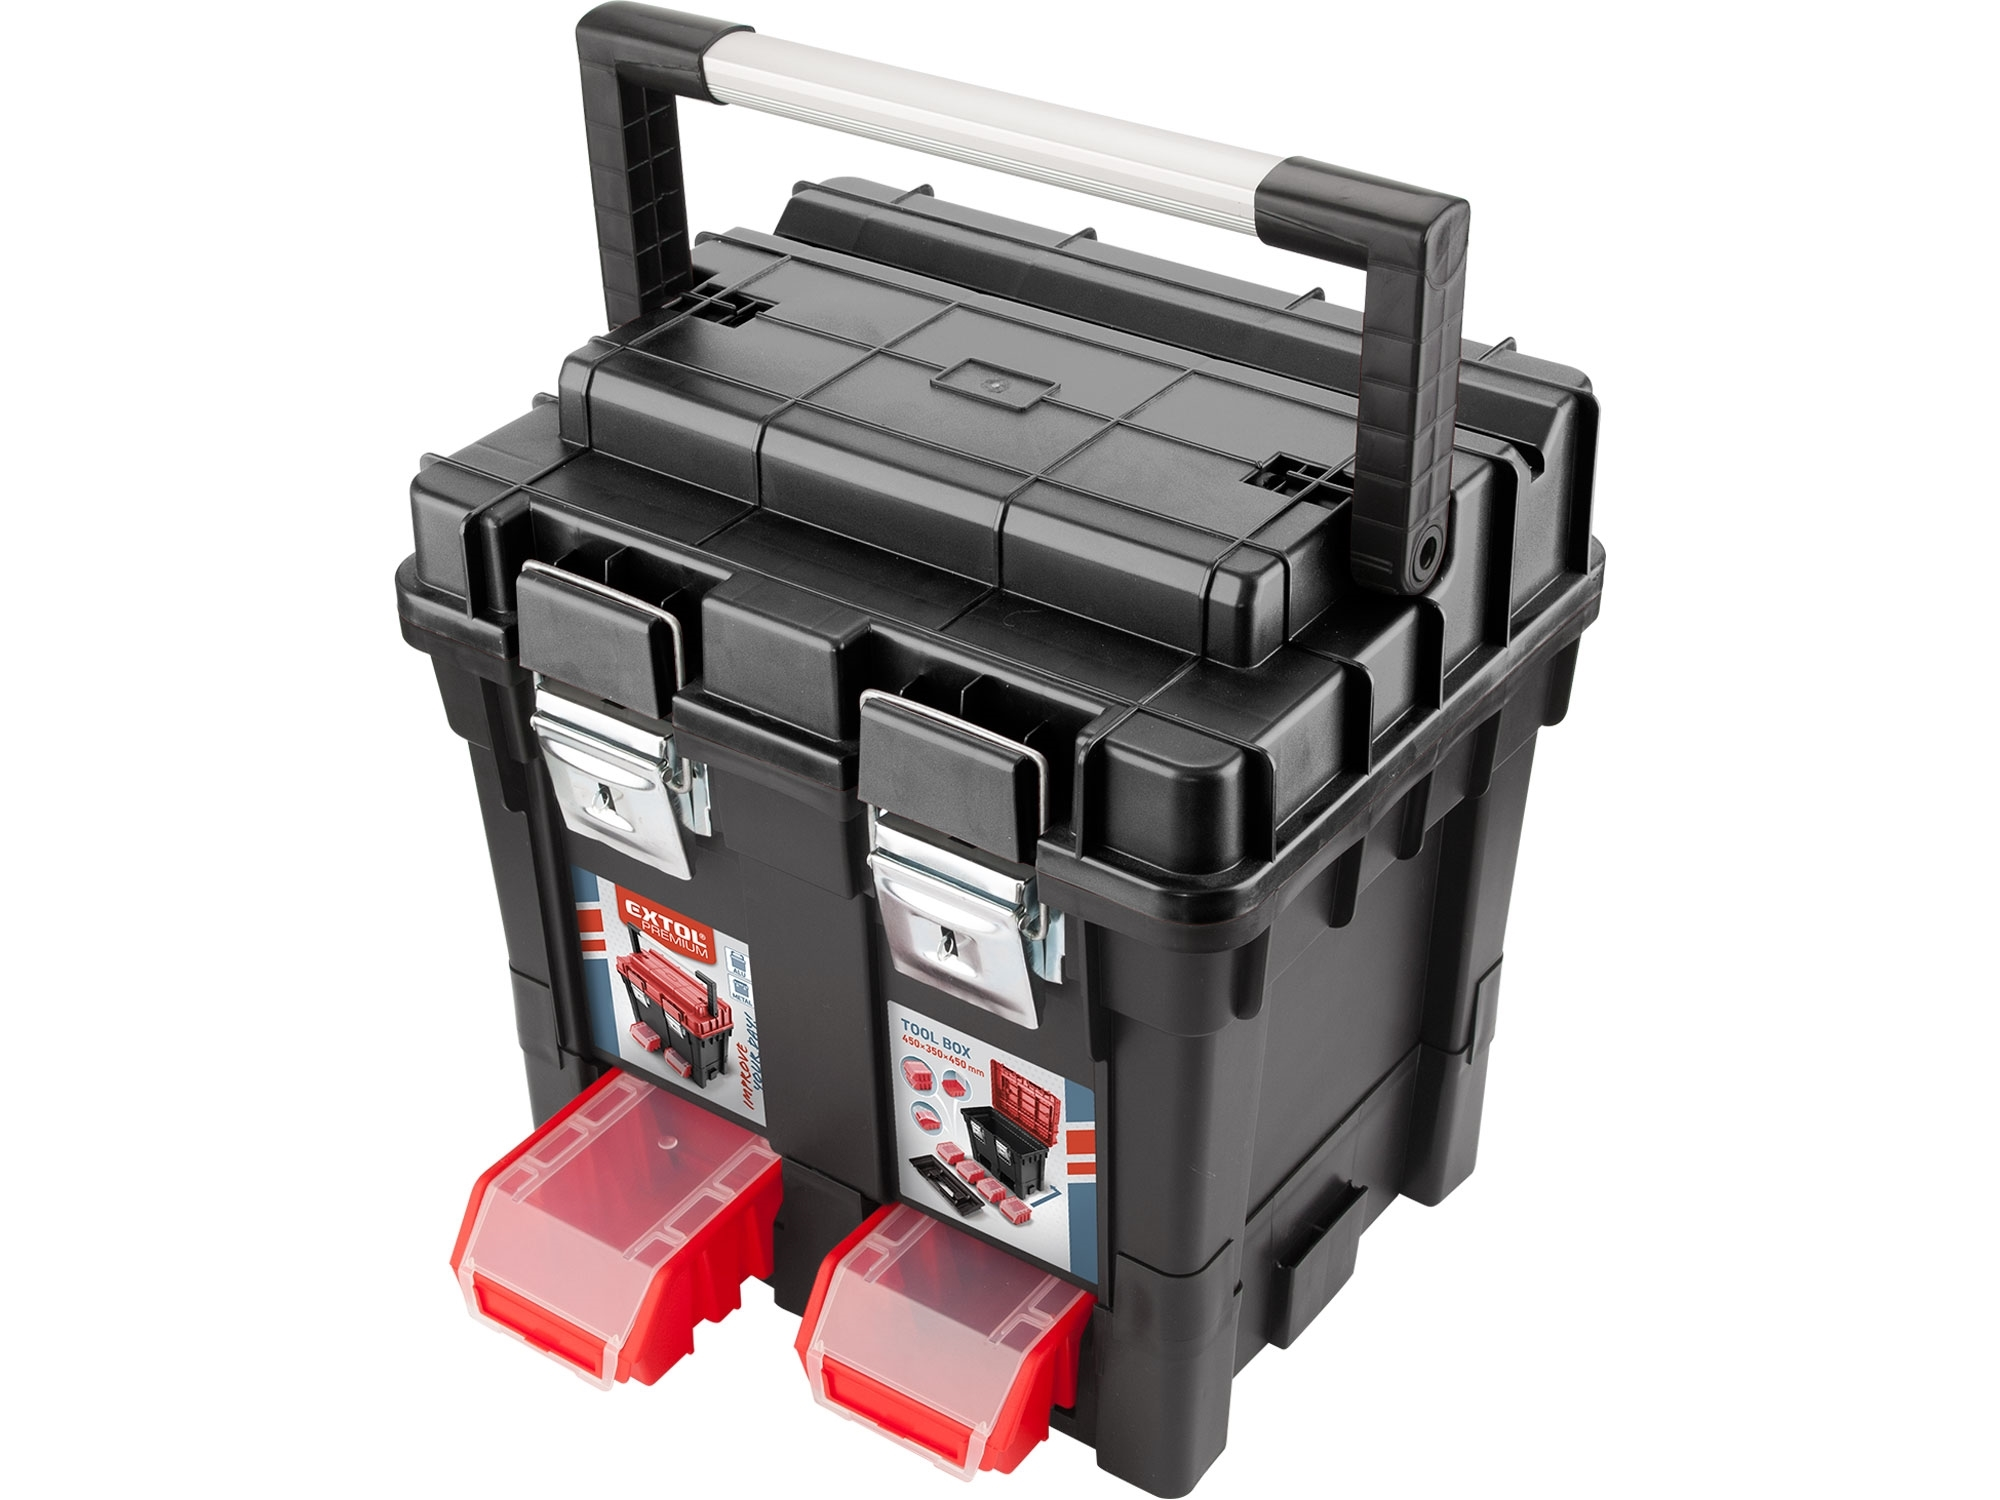 kufr na nářadí HD, 450x350x450mm, AL rukojeť, kov.přezky, EXTOL PREMIUM 8856083